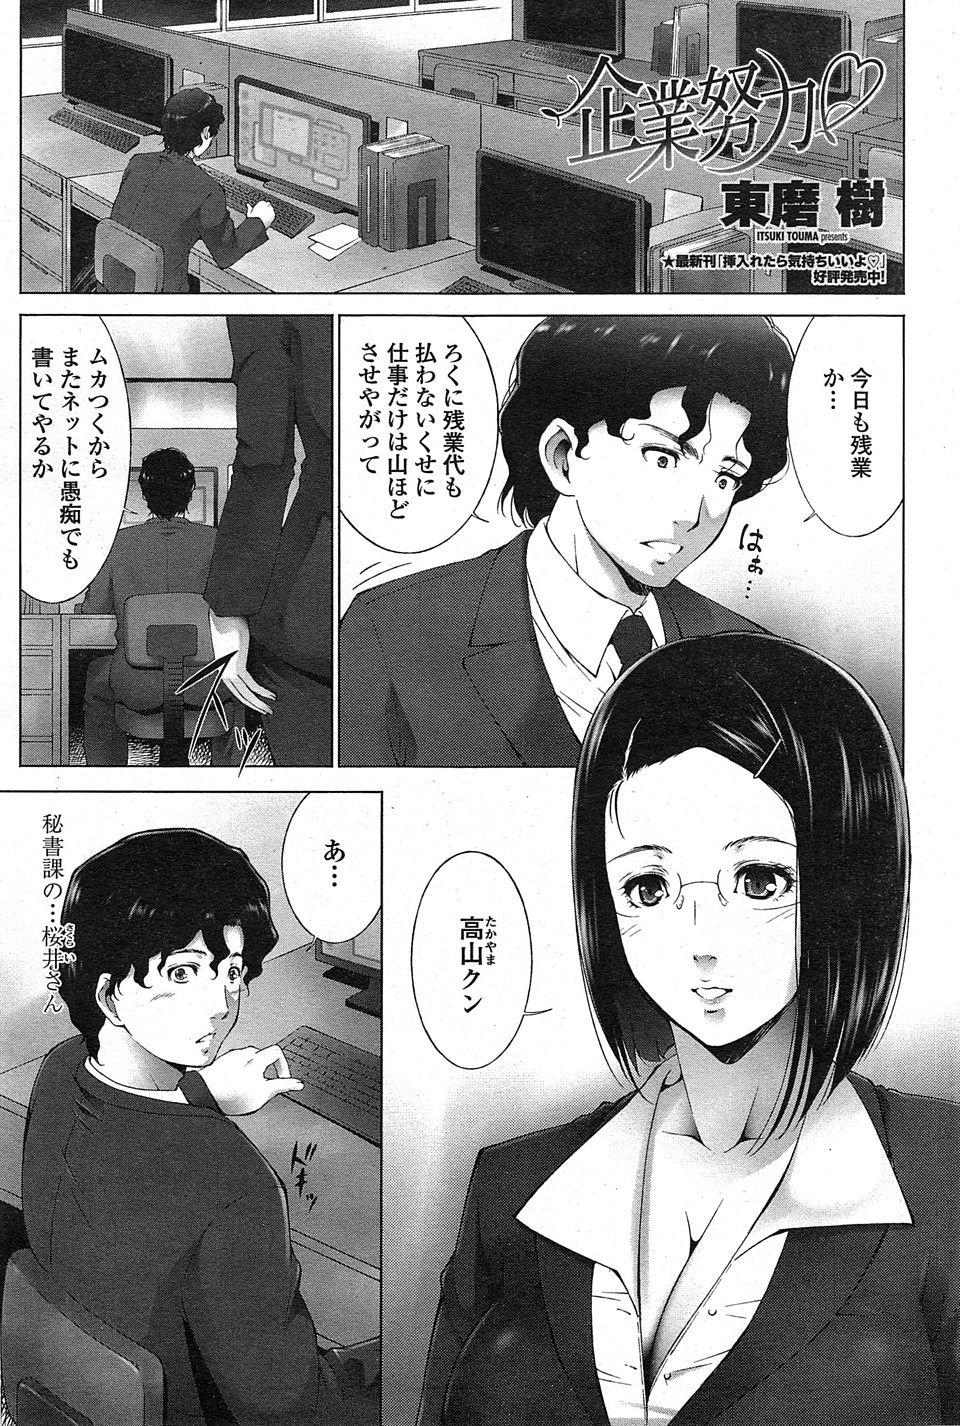 残業中に美人巨乳お姉さんの秘書課の桜井さんがおまんこくぱぁしてバックでおちんぽおねだりするもんだからセックスしちゃった~♪♪